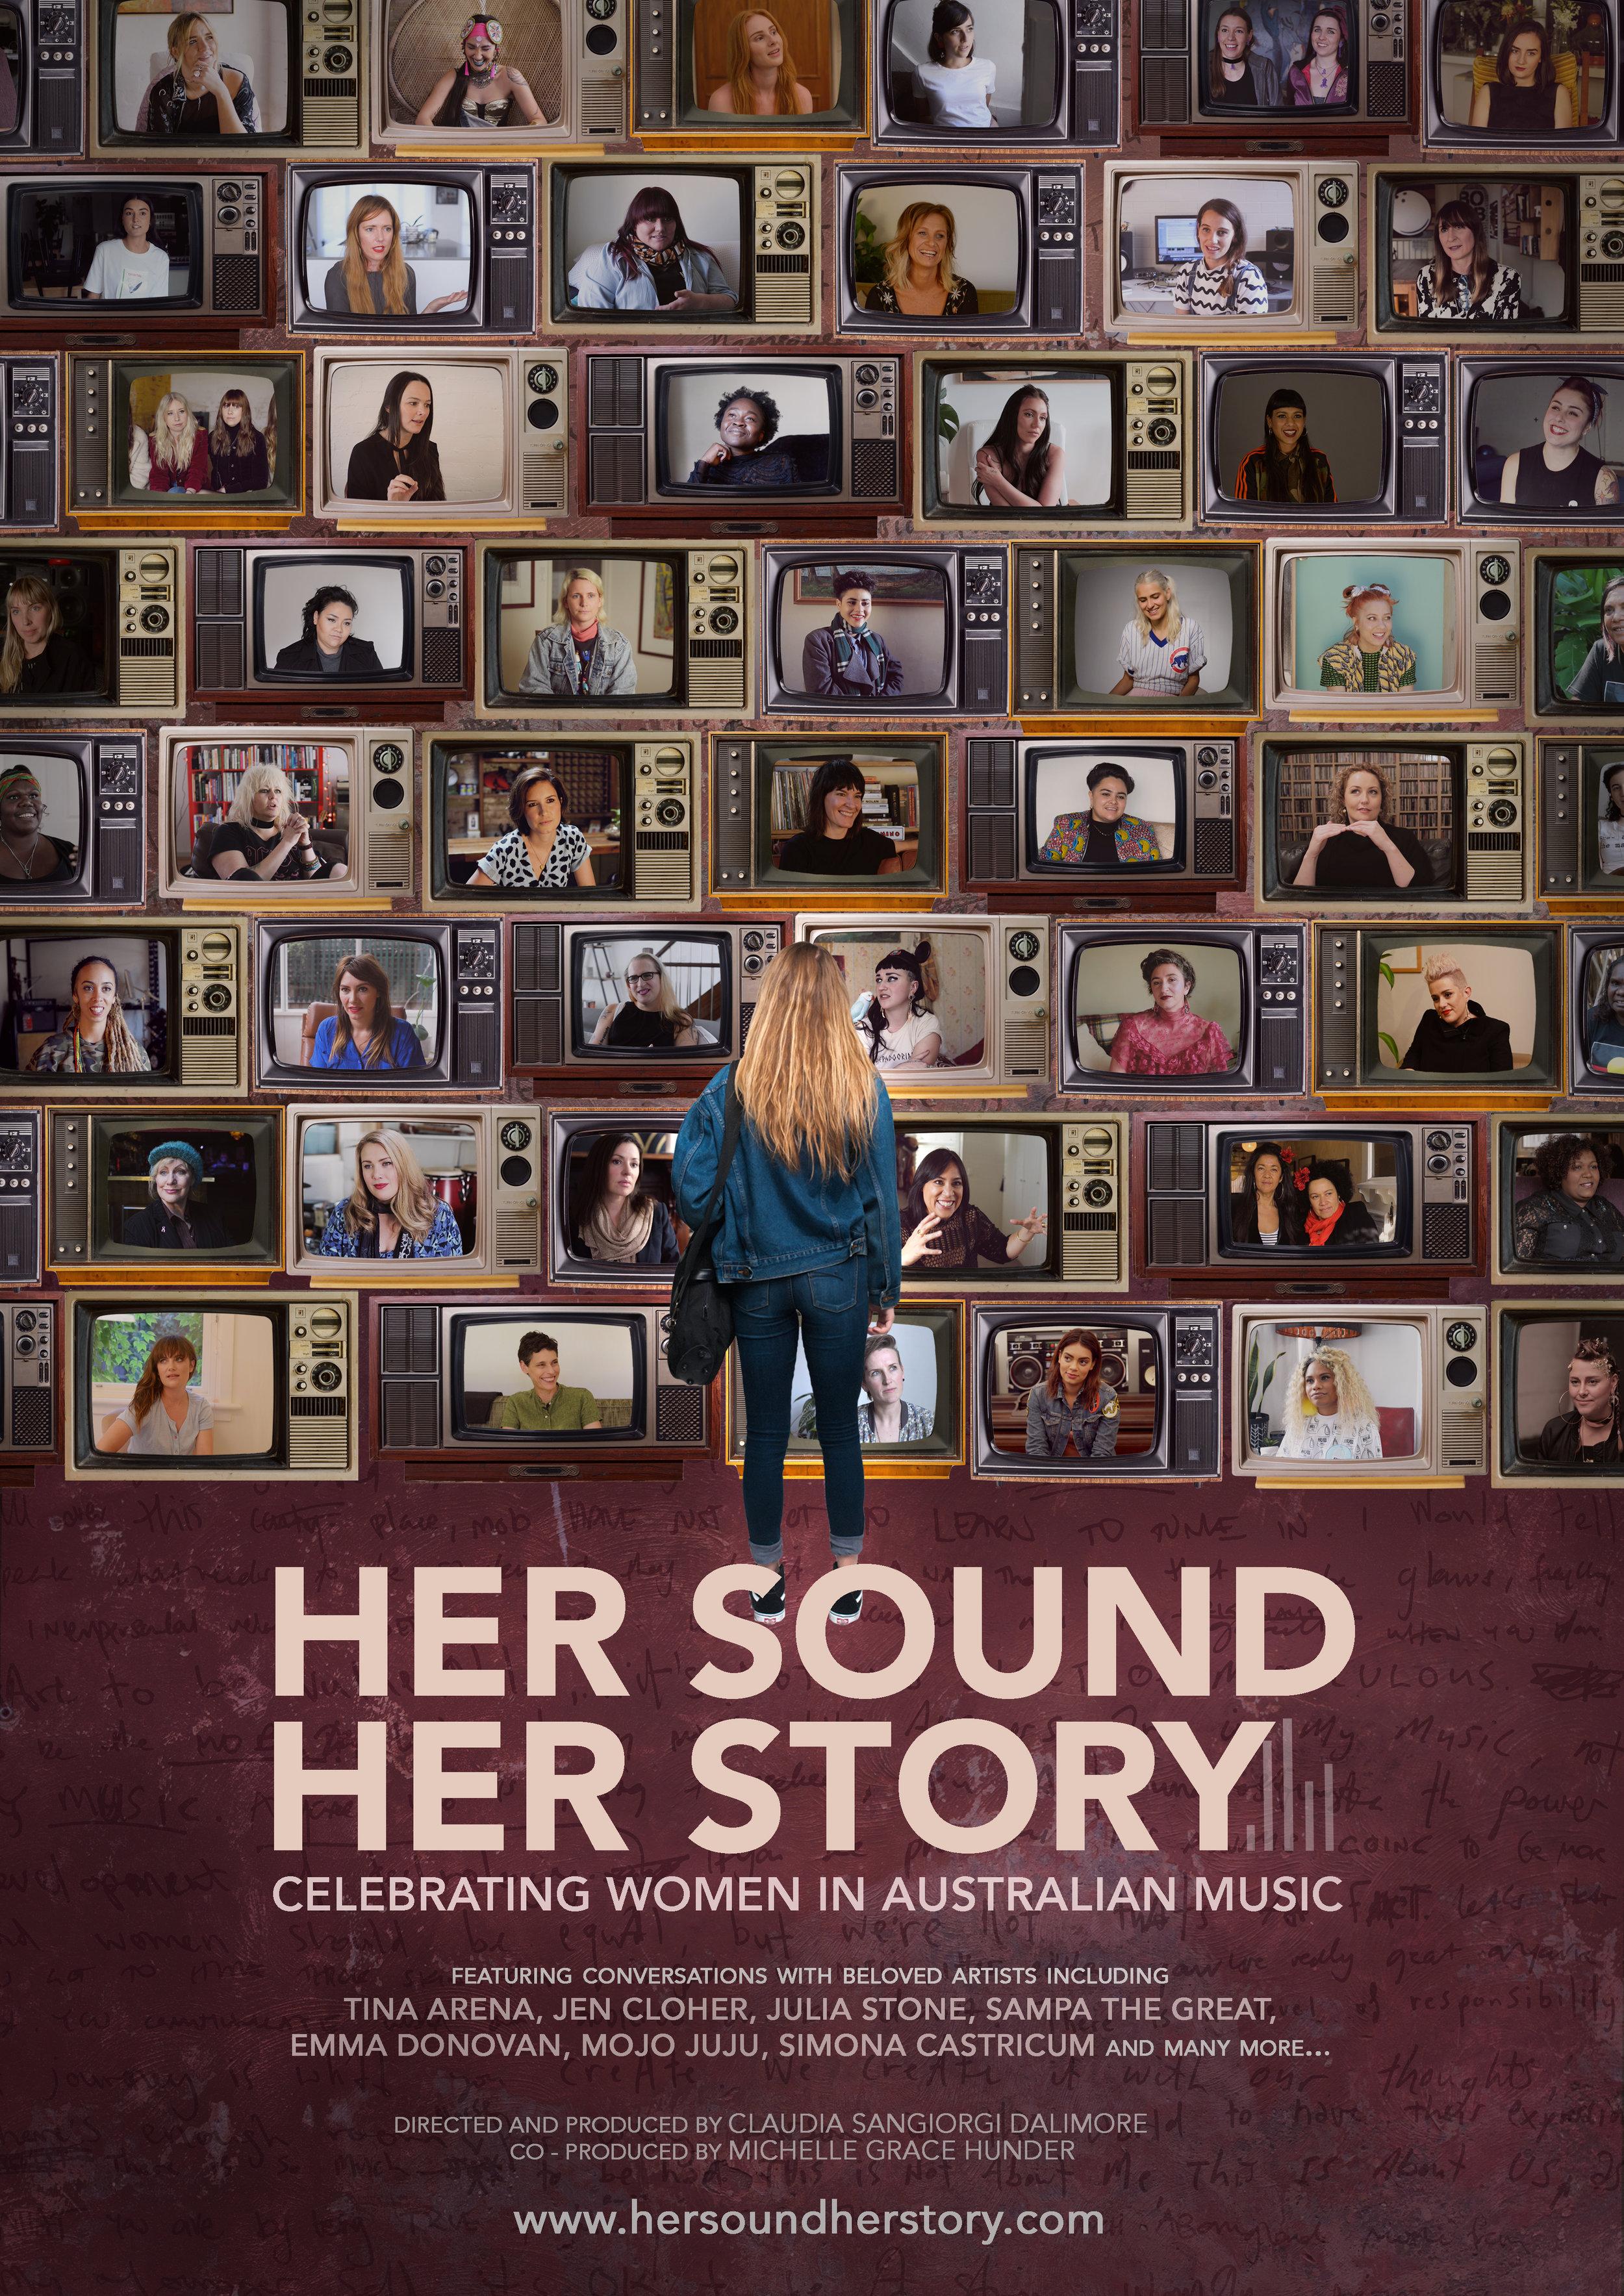 HSHS cinema poster.jpg